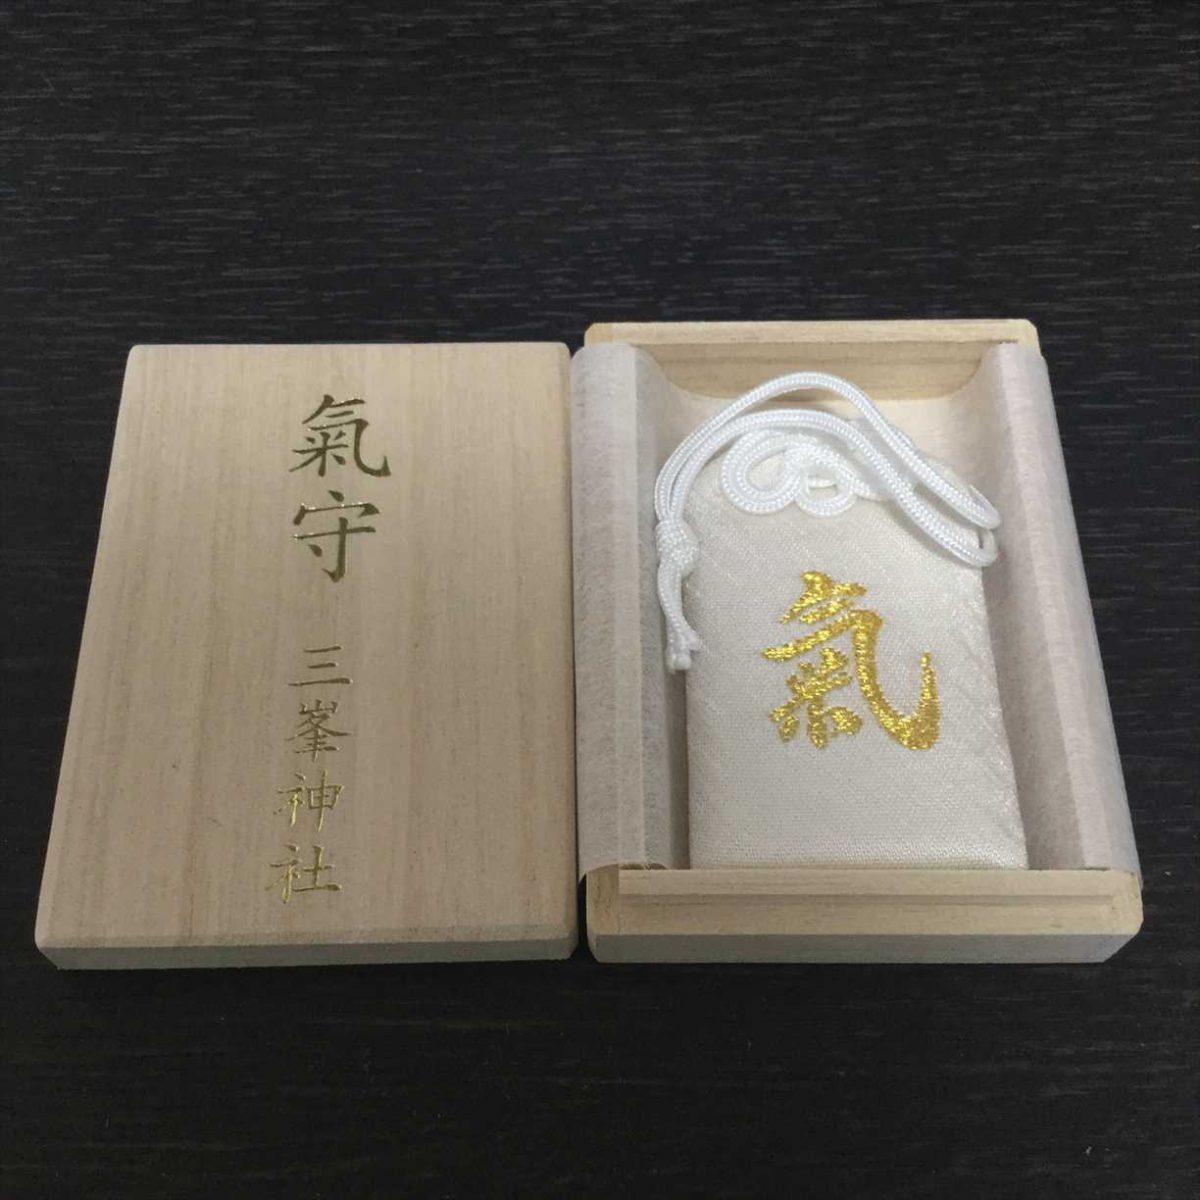 三峯神社の白いお守り